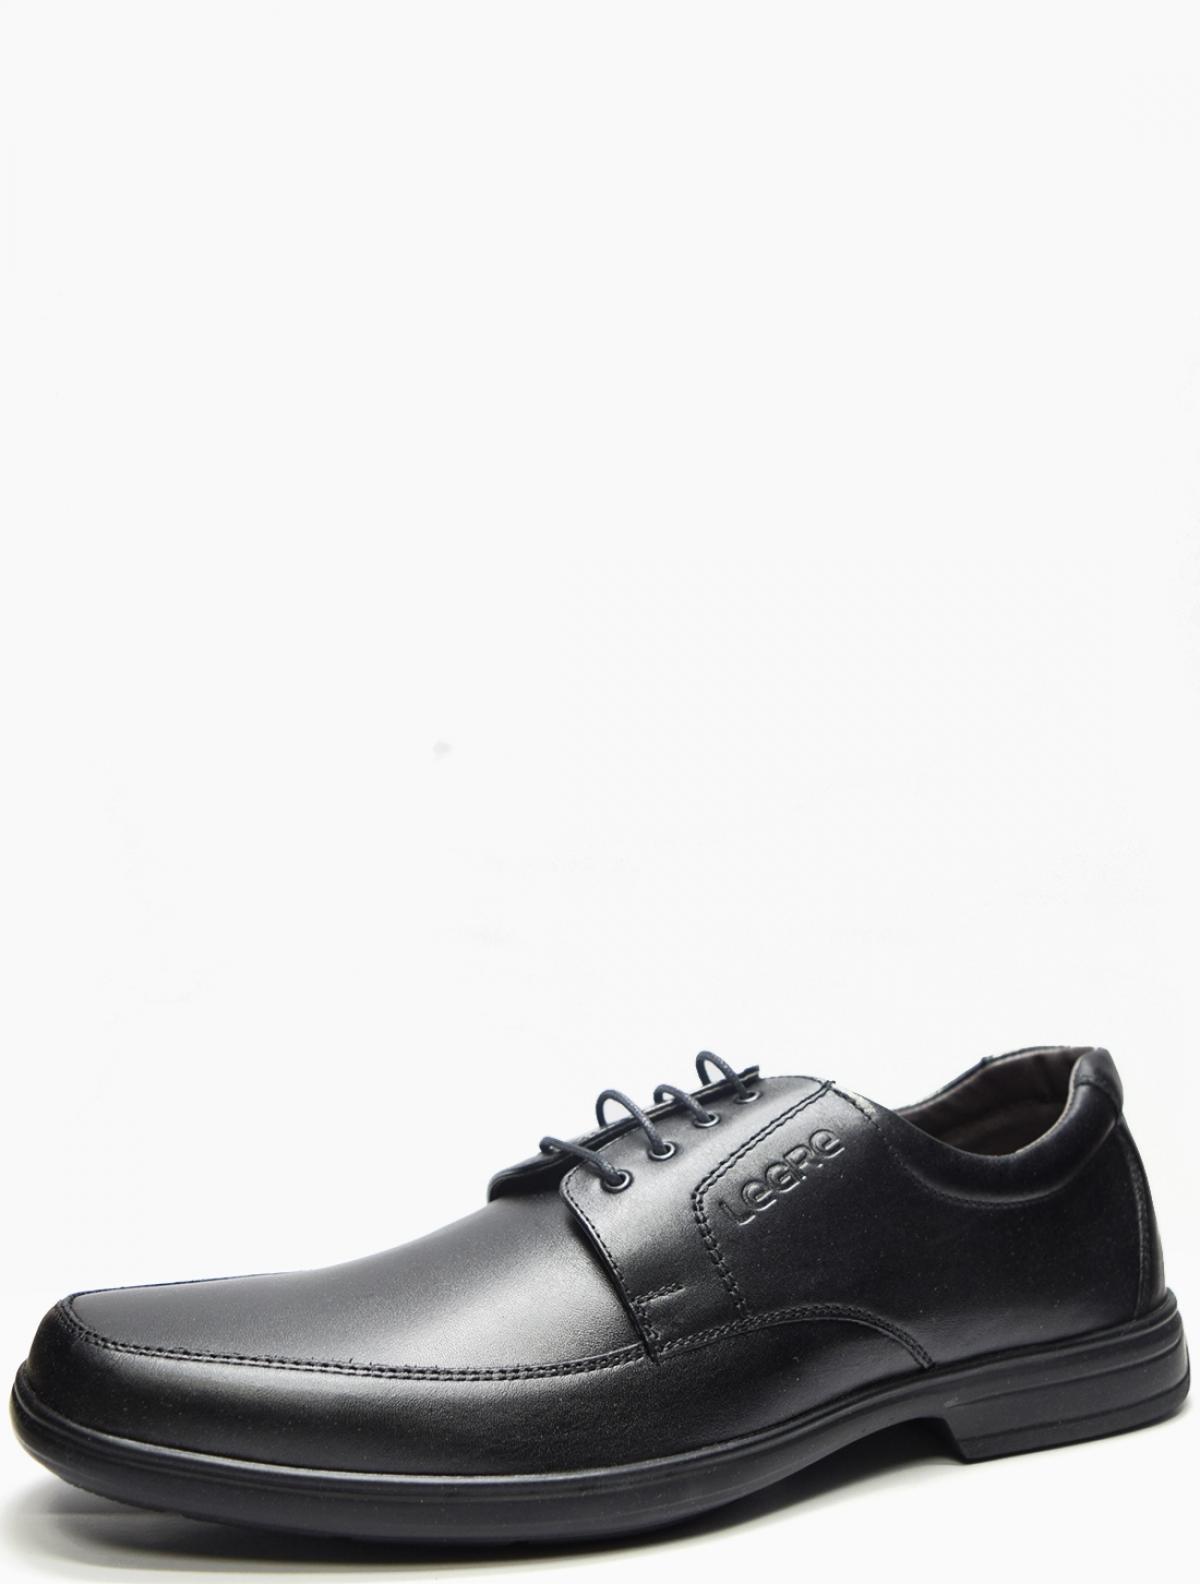 370.103.091.089 туфли мужские